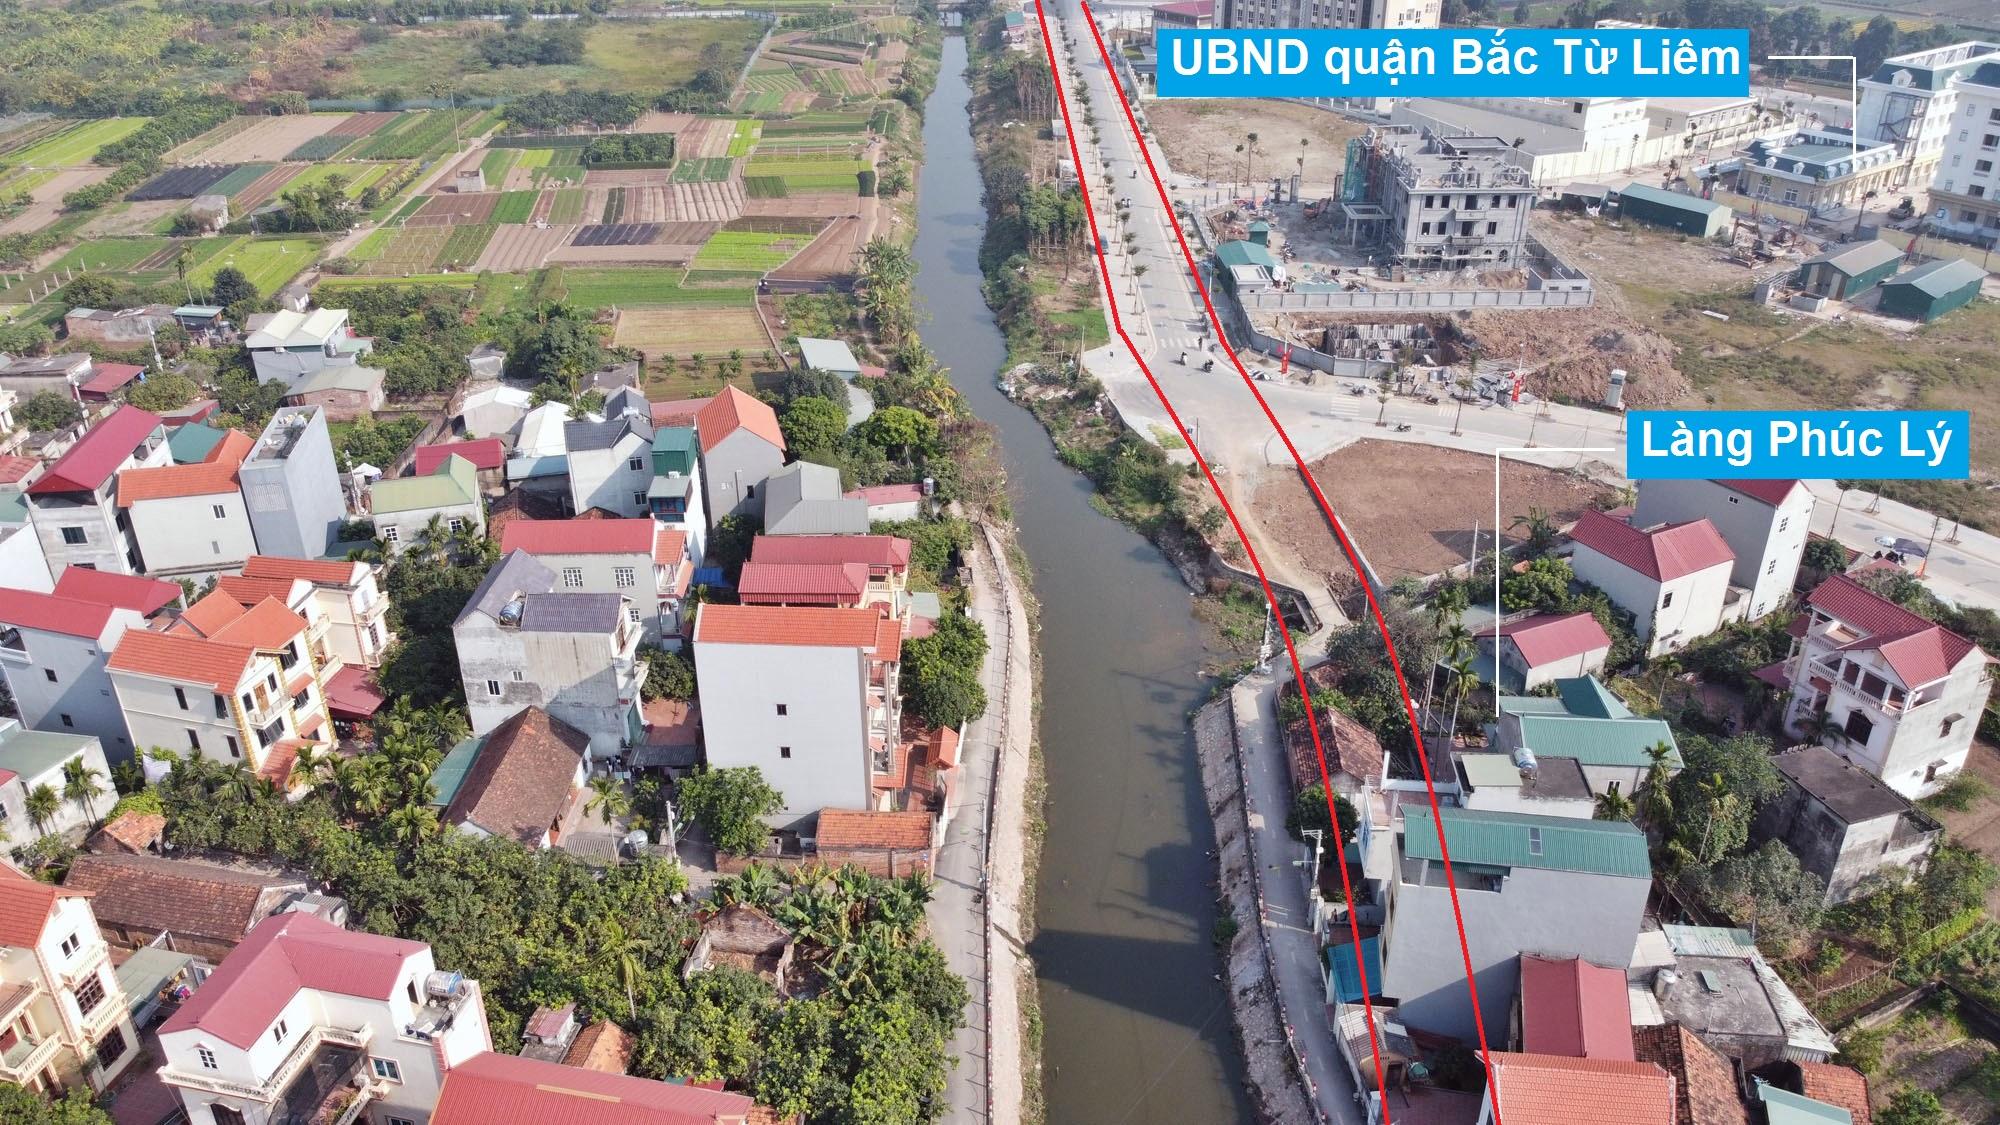 Đường sẽ mở theo quy hoạch ở phường Minh Khai, Bắc Từ Liêm, Hà Nội (phần 2) - Ảnh 4.